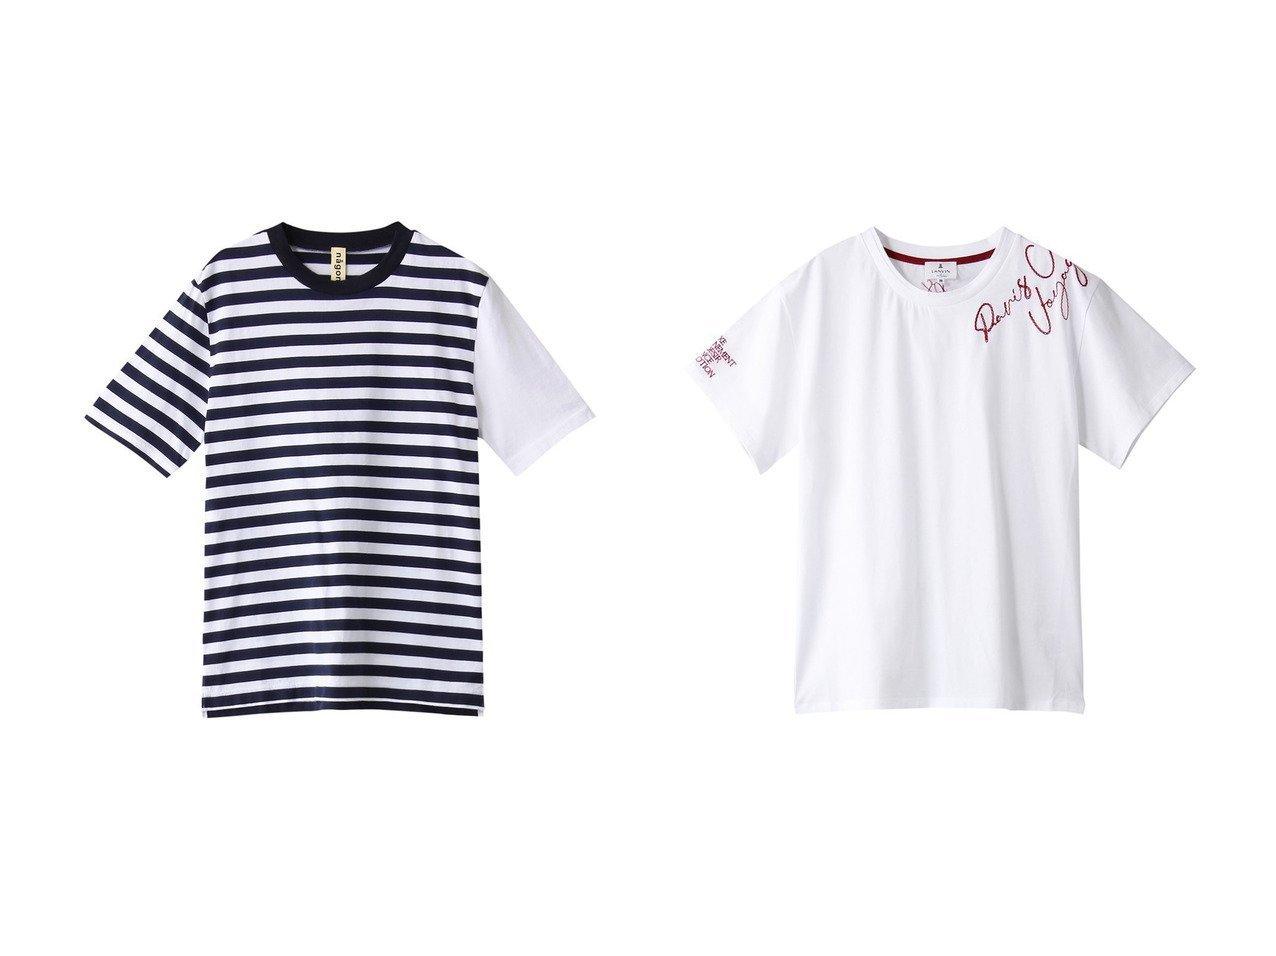 【nagonstans/ナゴンスタンス】のCO Border Tシャツ&【LANVIN en Bleu/ランバン オン ブルー】のレターエンブロイダリーTEE 【トップス・カットソー】おすすめ!人気、トレンド・レディースファッションの通販 おすすめで人気の流行・トレンド、ファッションの通販商品 メンズファッション・キッズファッション・インテリア・家具・レディースファッション・服の通販 founy(ファニー) https://founy.com/ ファッション Fashion レディースファッション WOMEN トップス・カットソー Tops/Tshirt シャツ/ブラウス Shirts/Blouses ロング / Tシャツ T-Shirts カットソー Cut and Sewn ショート スリーブ ボーダー 定番 Standard 無地 アシンメトリー シンプル 半袖  ID:crp329100000033779